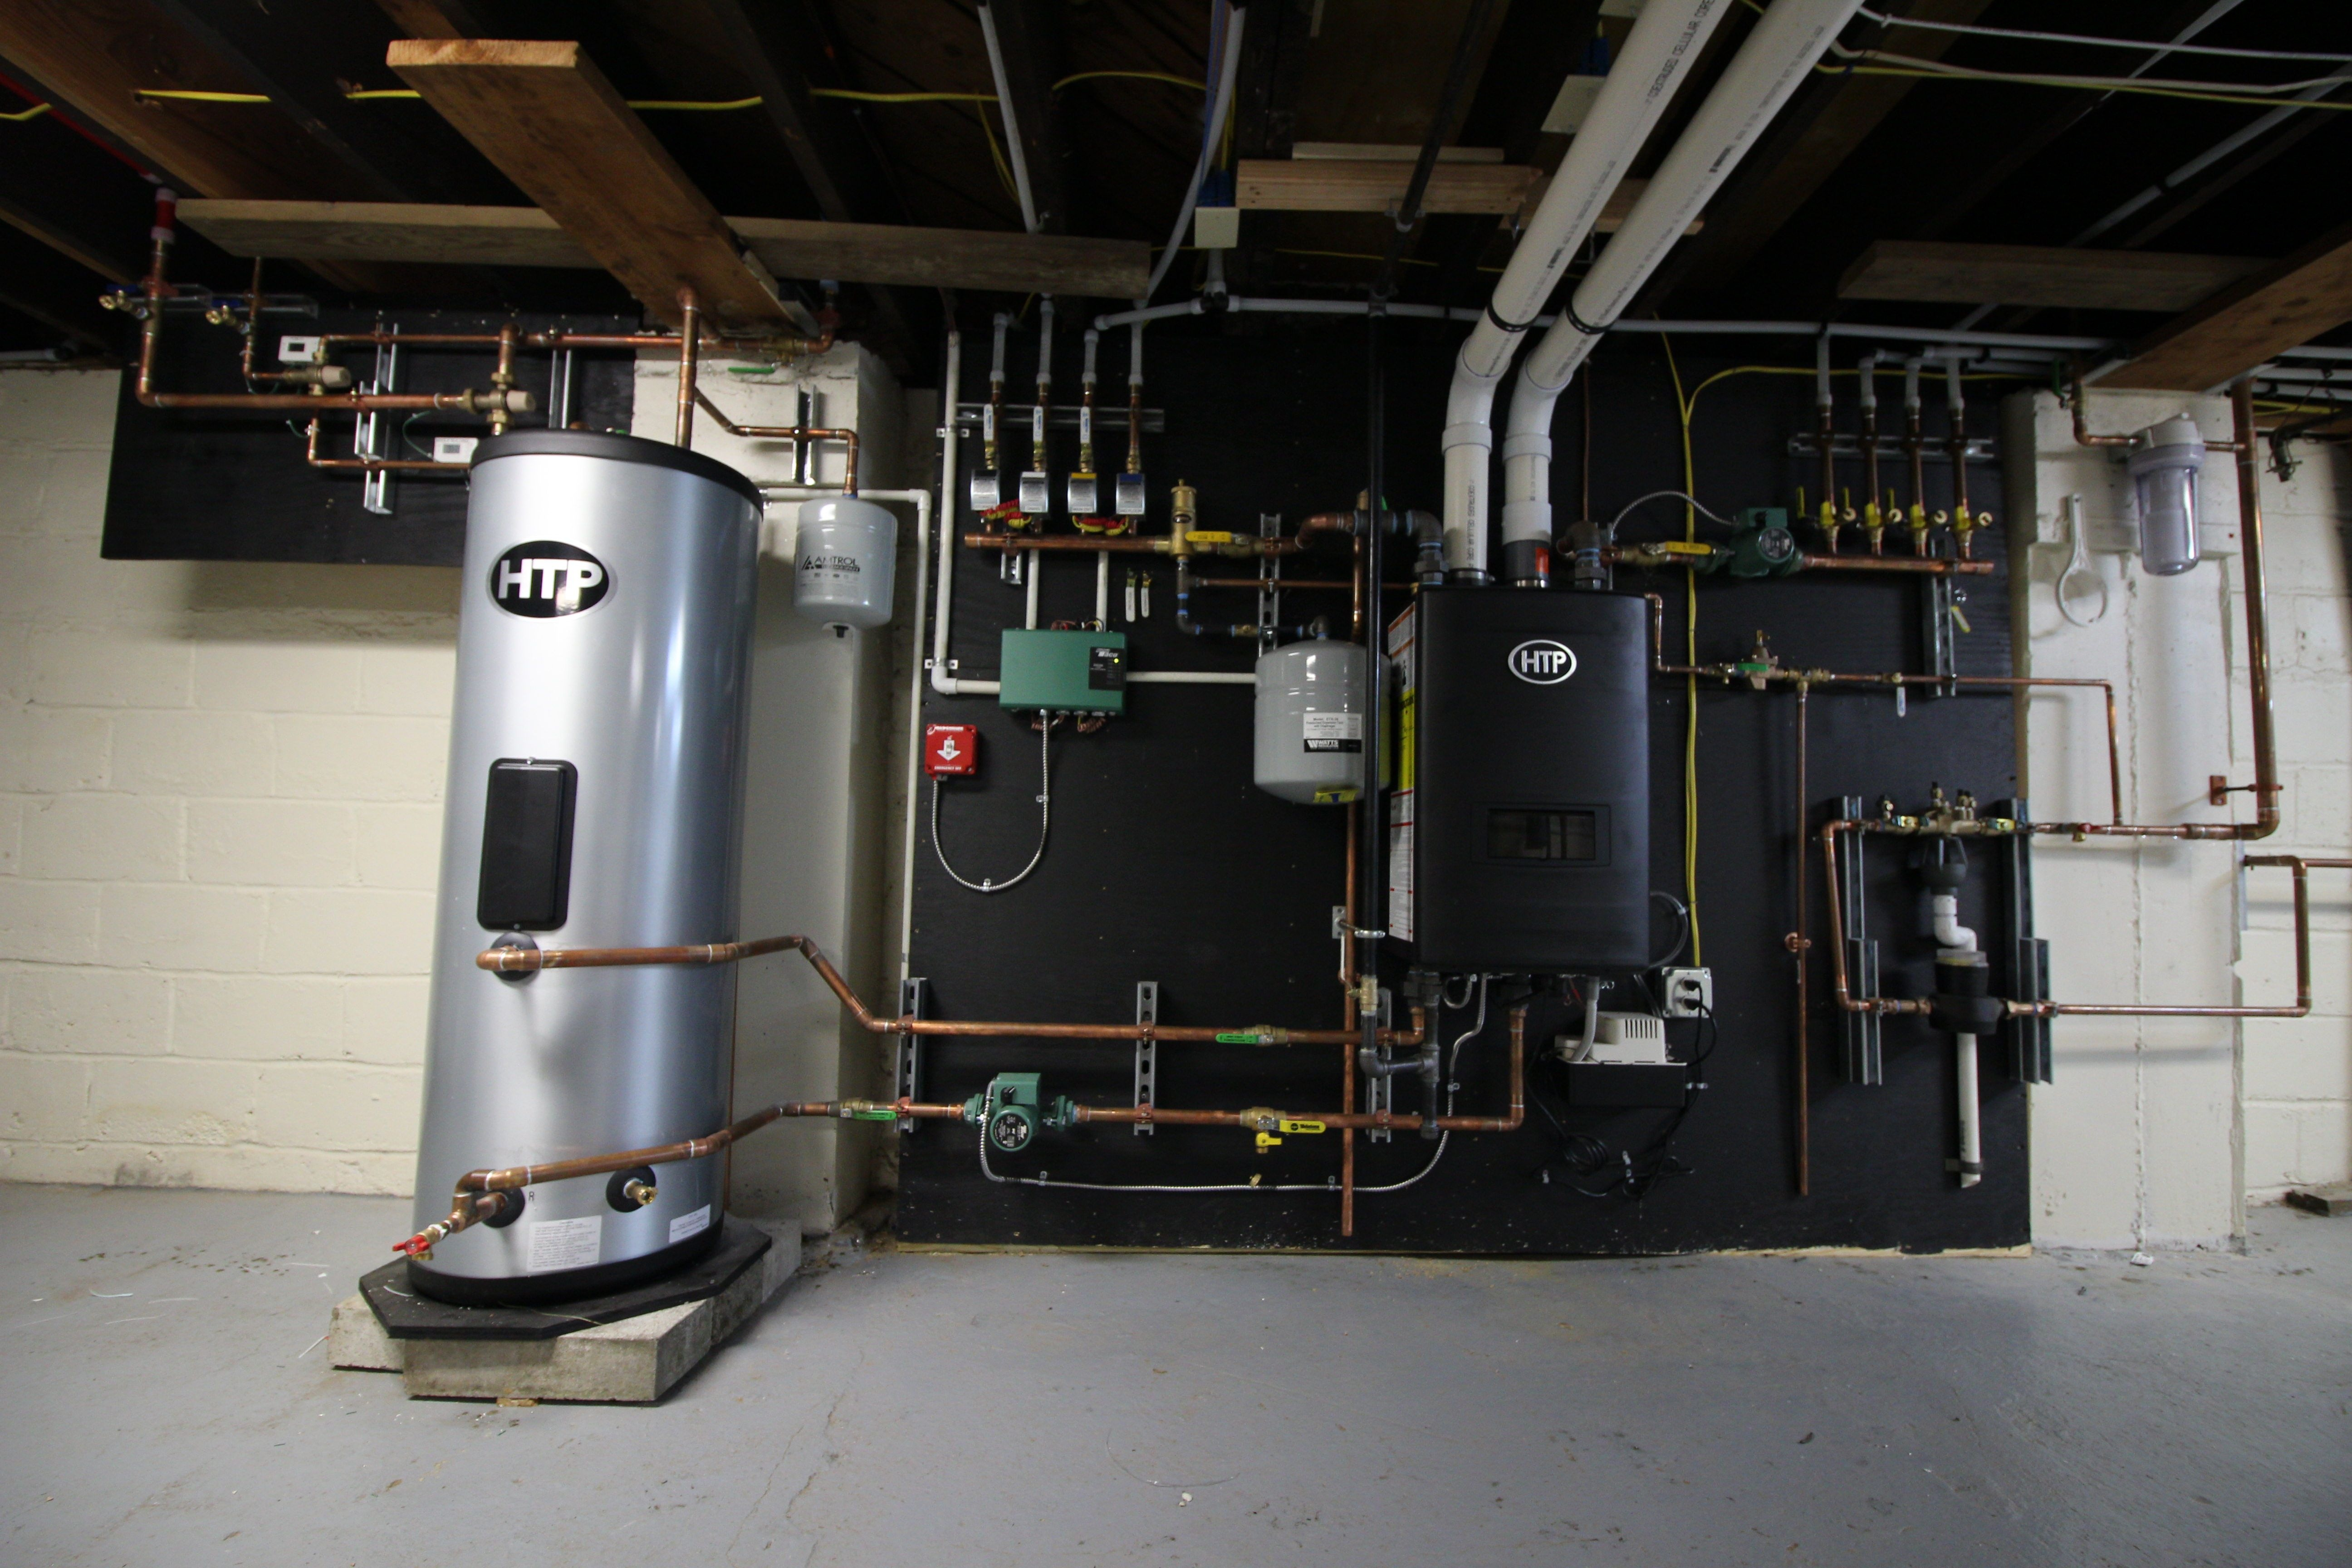 Großartig Warmwasserboiler Installation Bilder - Elektrische ...